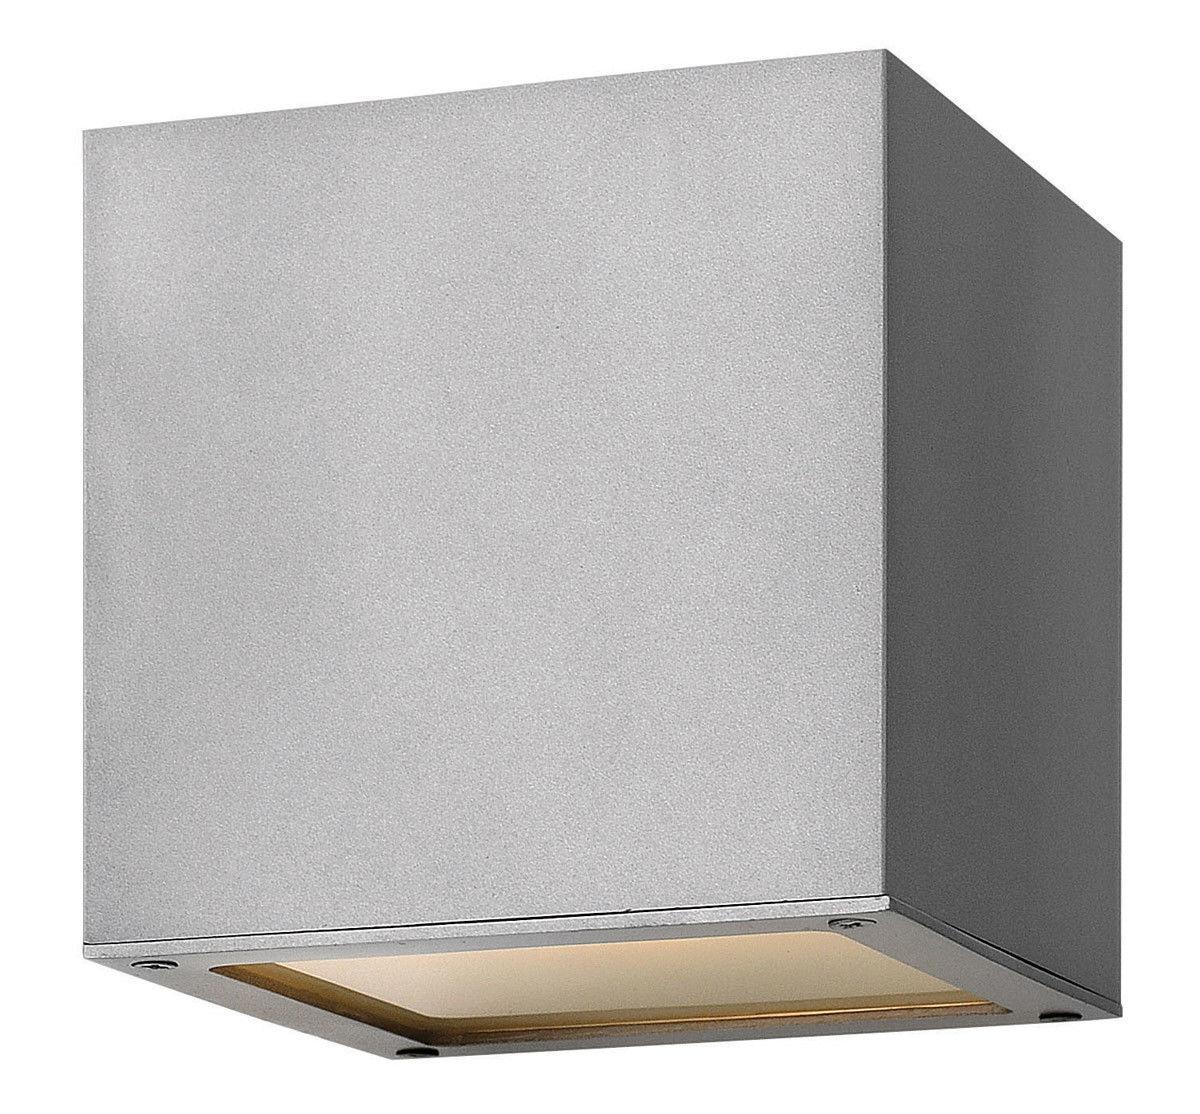 Hinkley Lighting 1767Tt Kube Outdoor Wall Lights Titanium | Ebay Intended For Outdoor Wall Lighting At Ebay (#9 of 15)